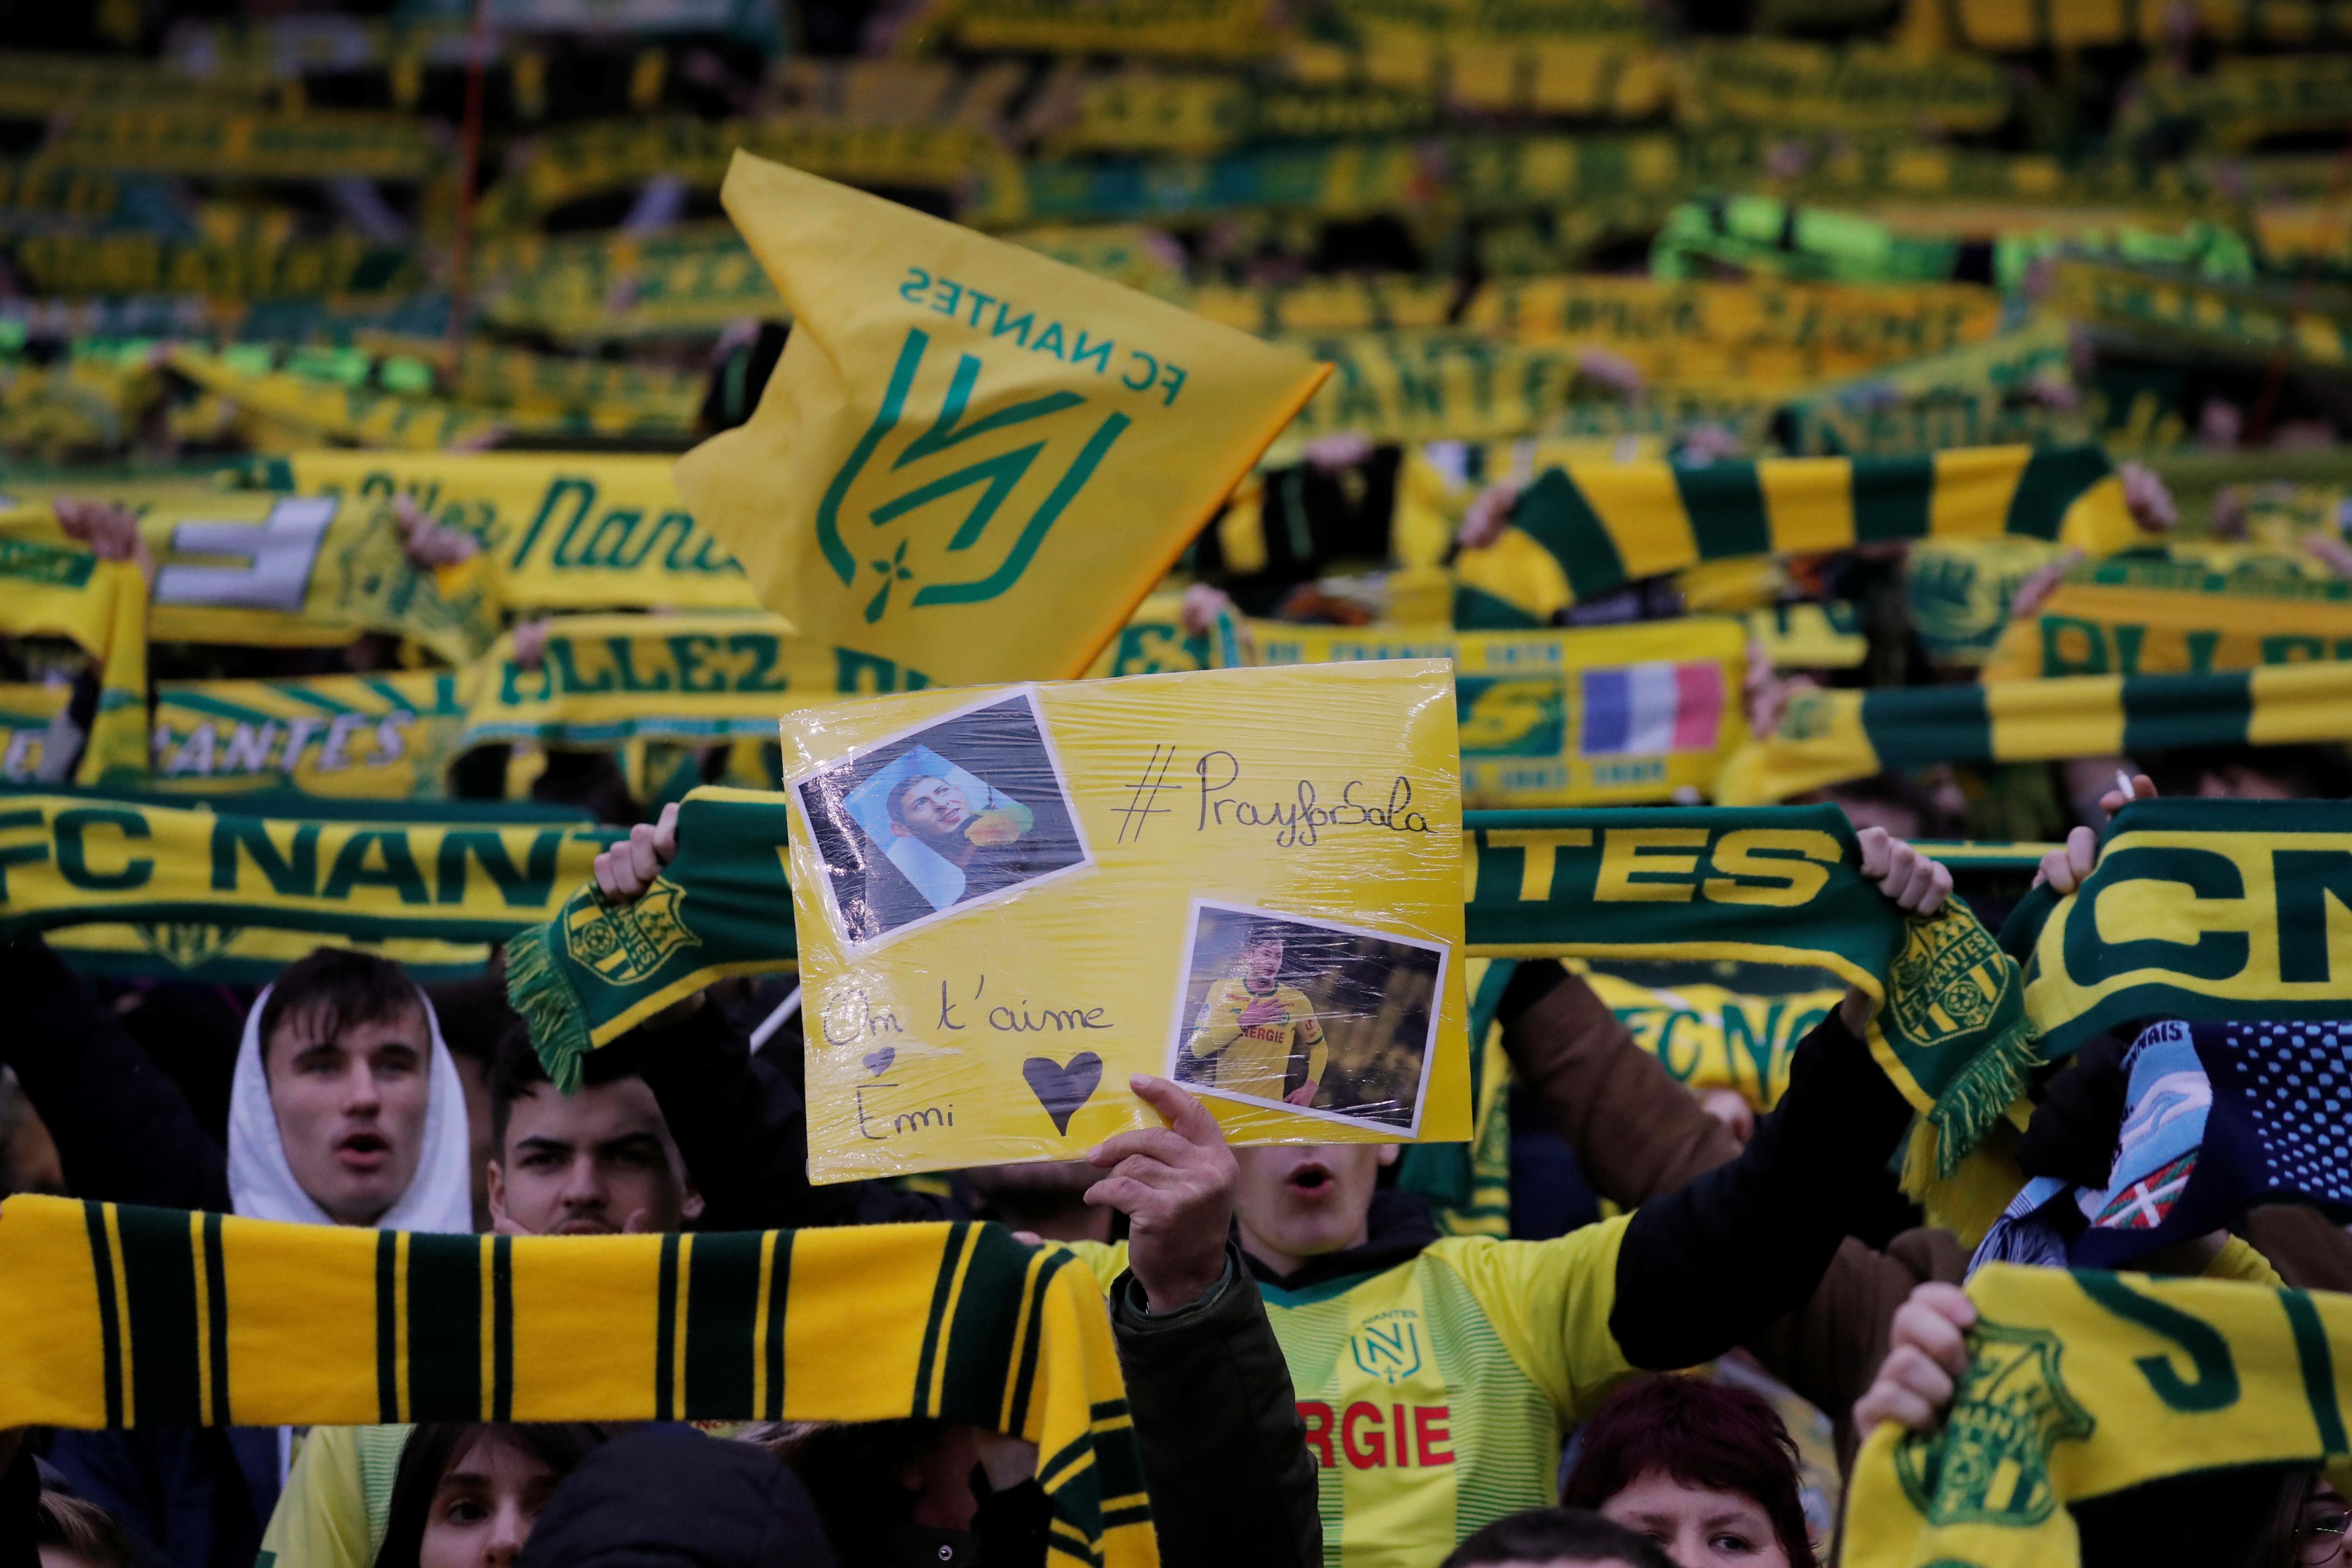 En un Estadio de la Beaujoire casi lleno, pero prácticamente en silencio, se difundió a través de las pantallas gigantes fotos del delantero argentino, al tiempo que los hinchas desplegaron un mosaico con la imagen de Sala acompañado por otros míticos jugadores del club, como Henri Michel, también desaparecidos: